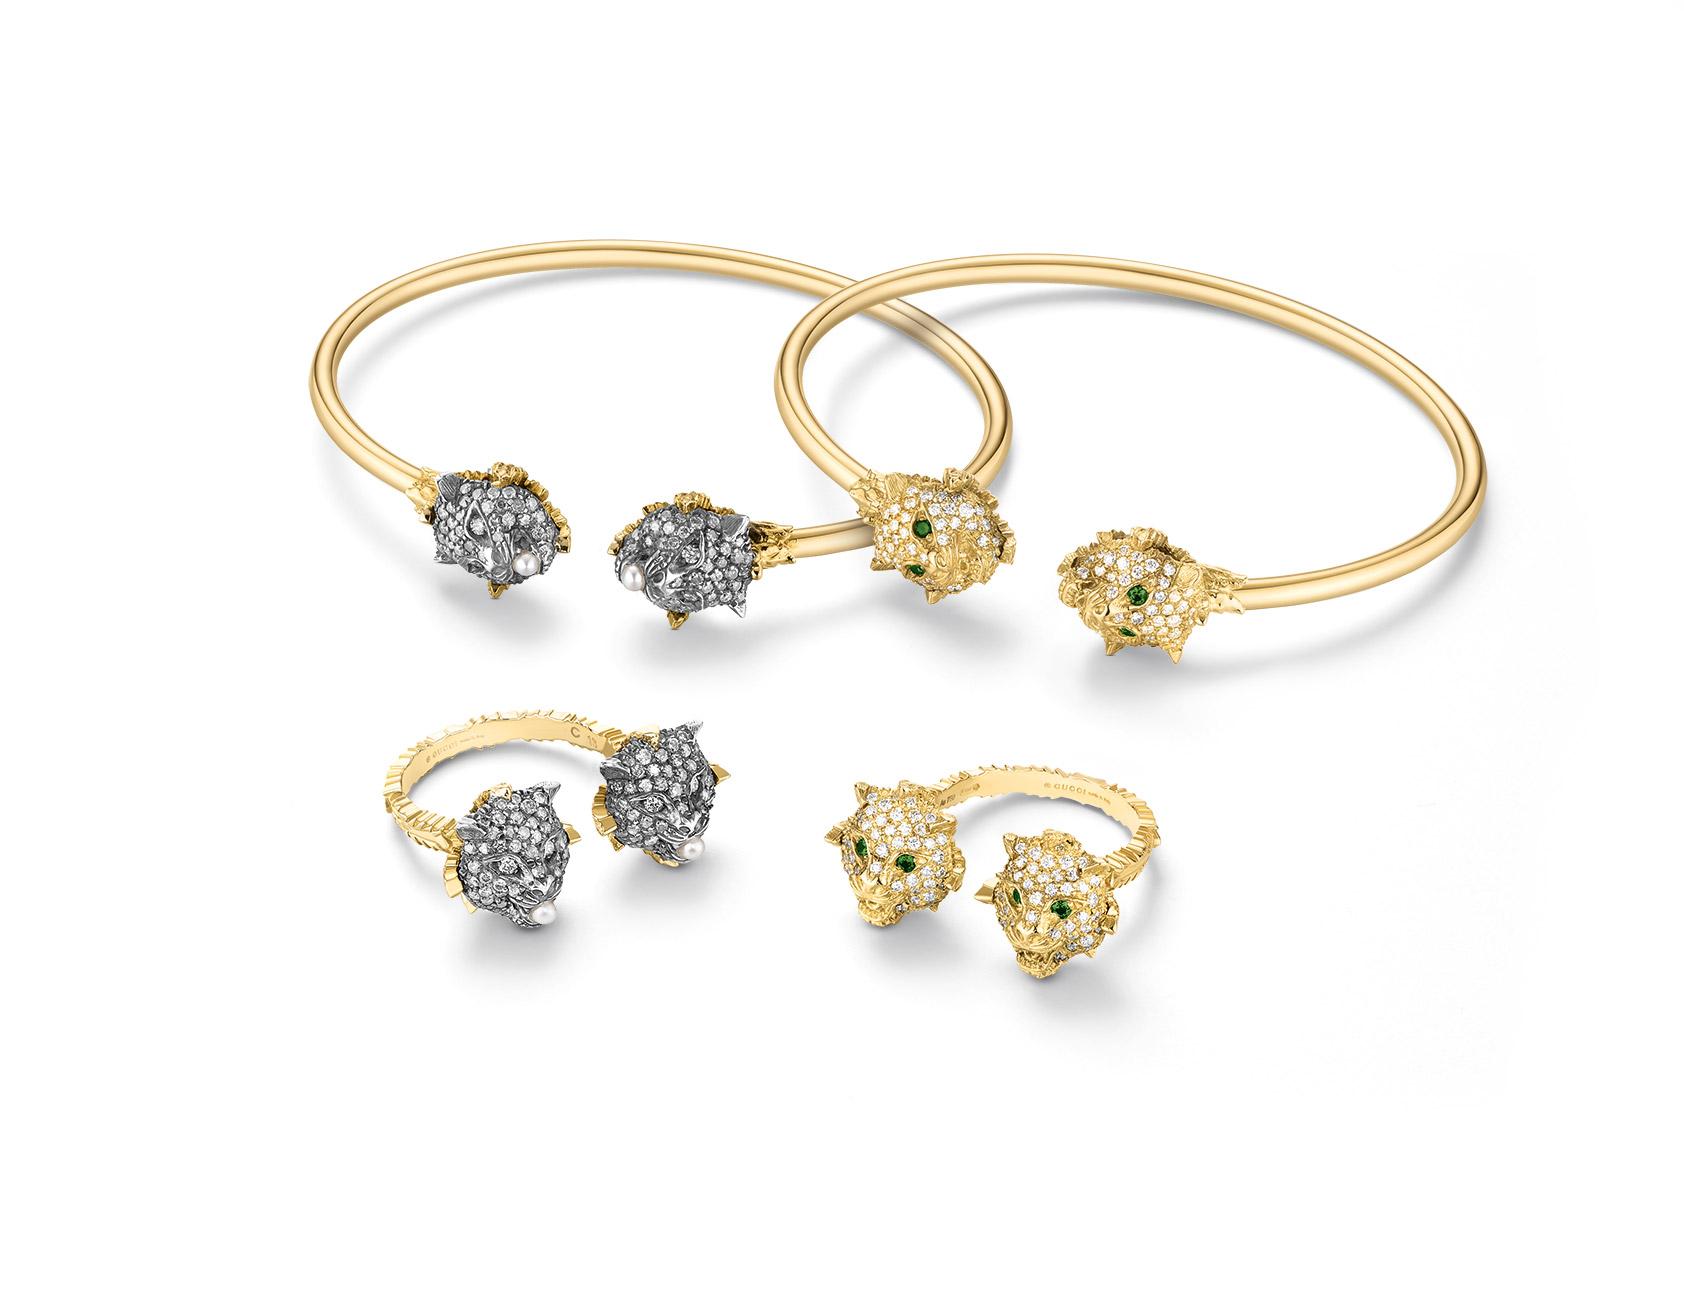 Gucci Marche des Merveilles rings and bangles